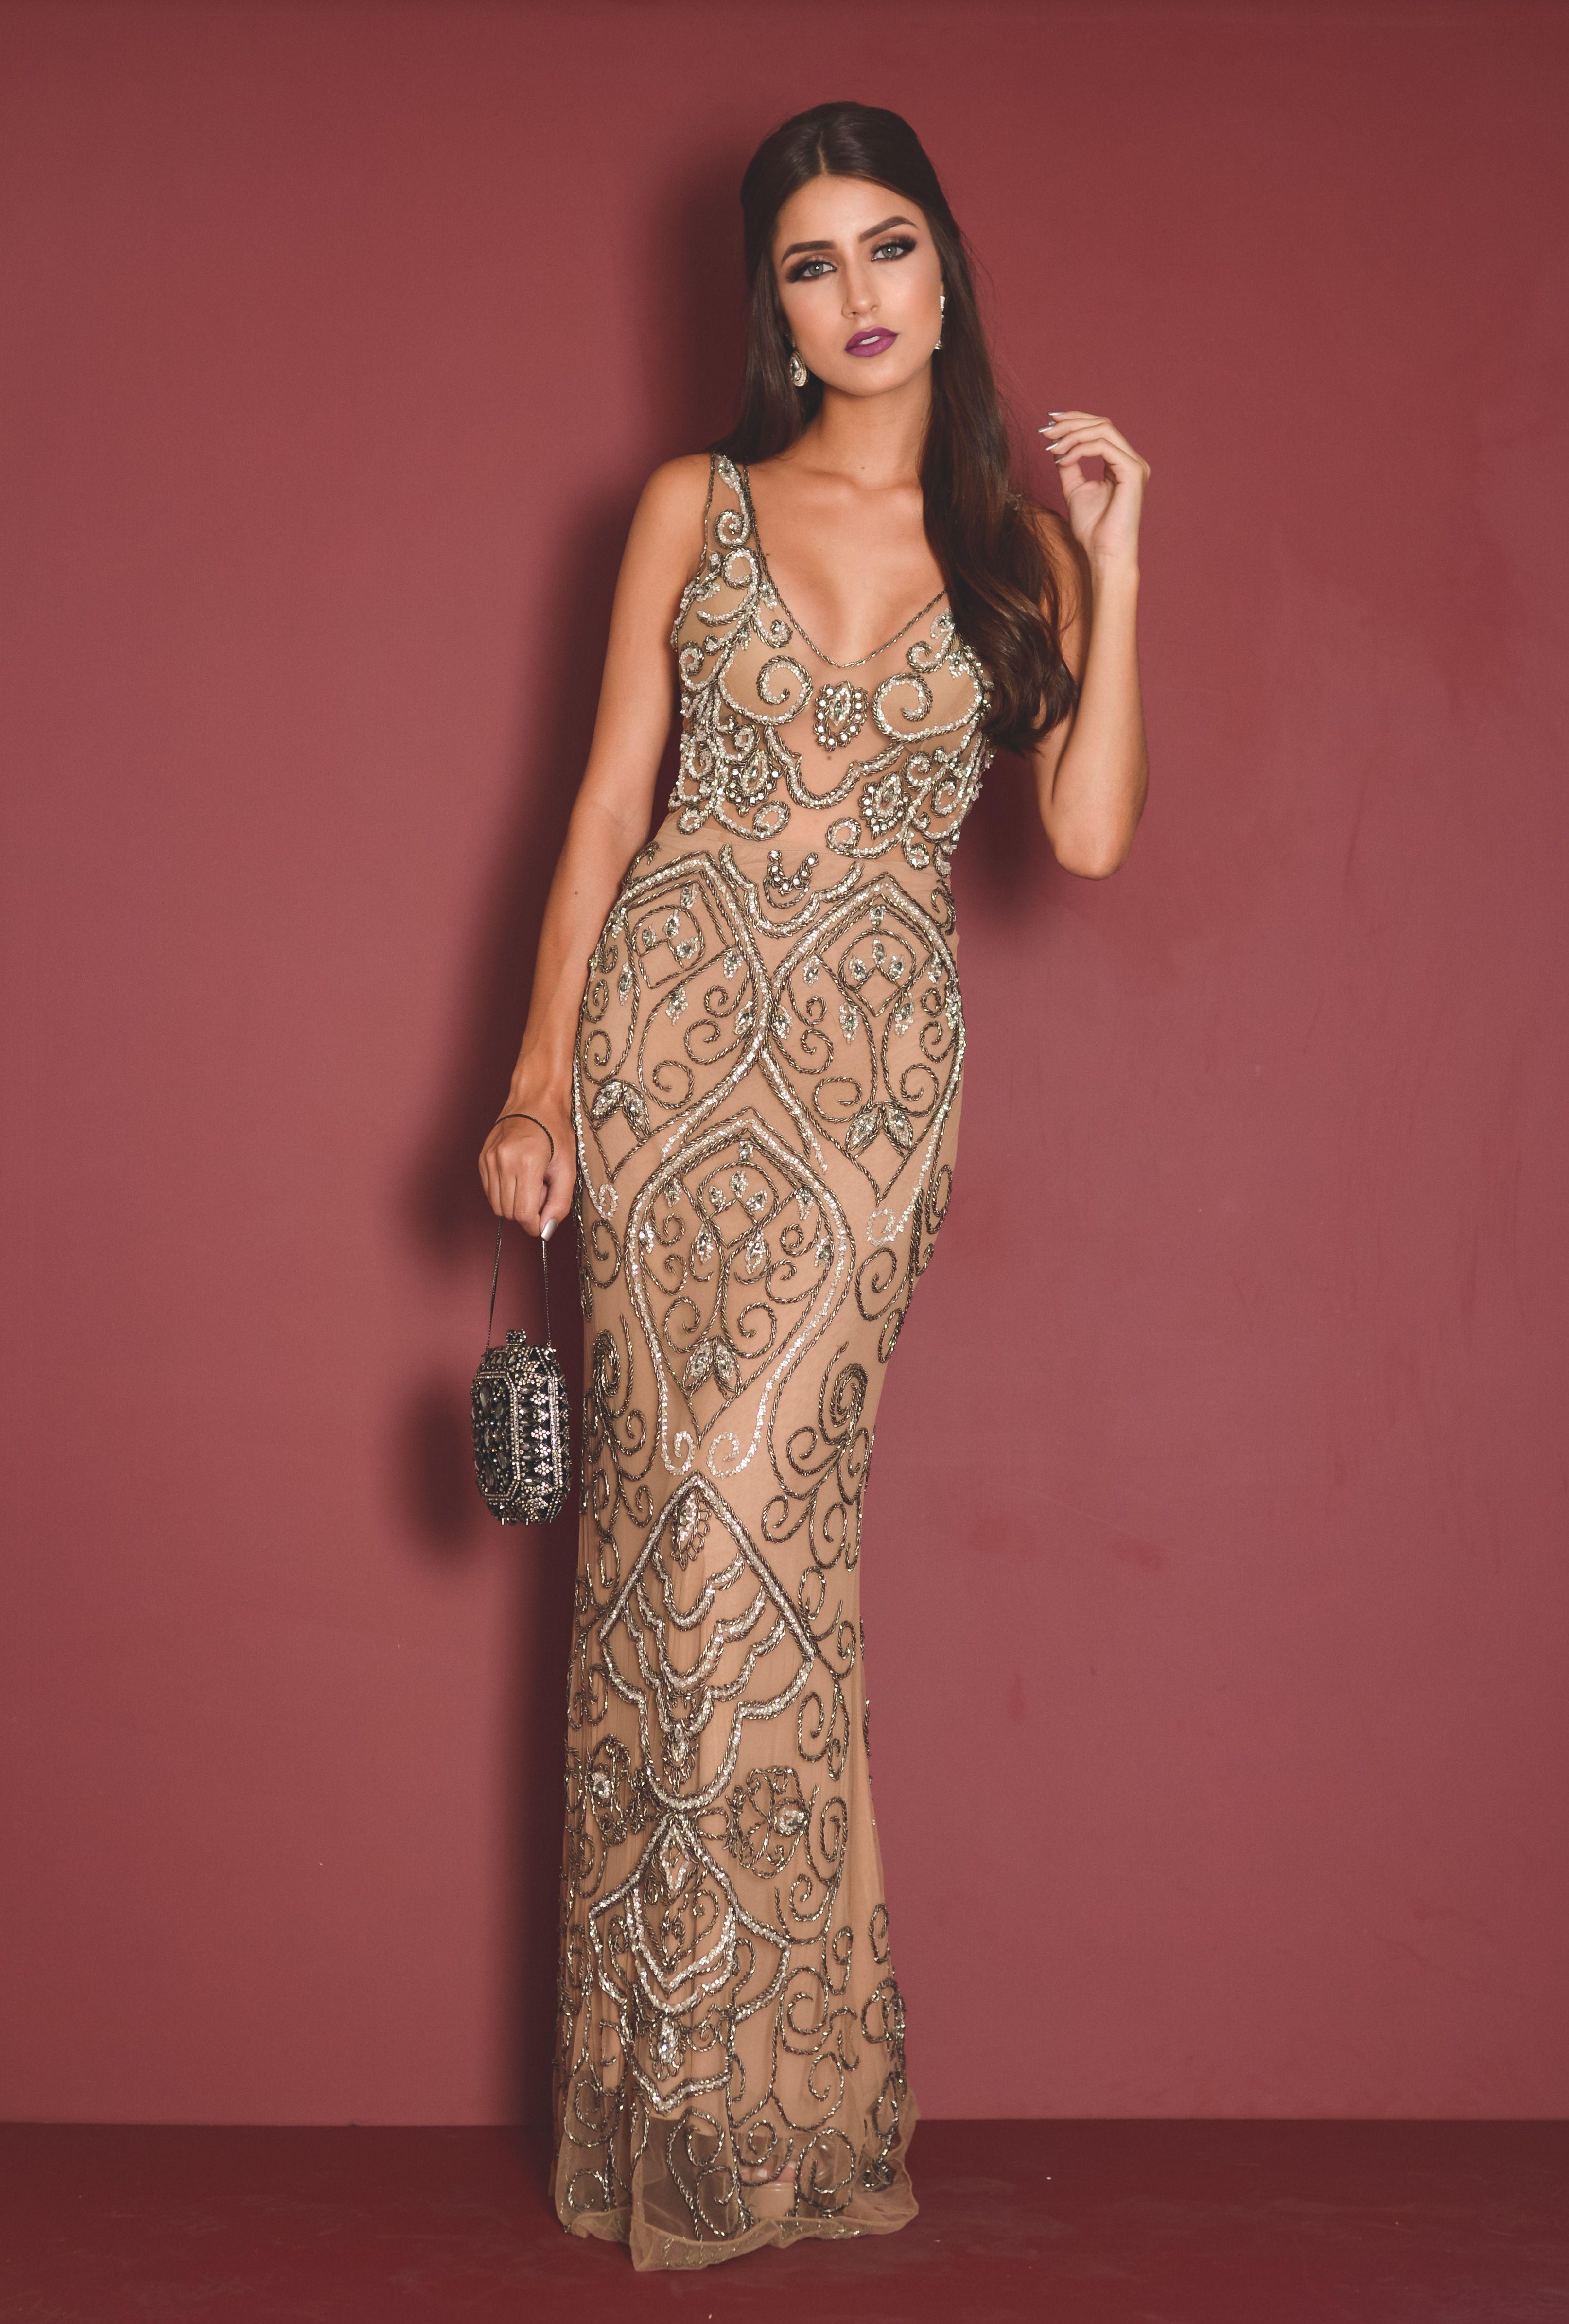 Vestido Premium Exclusivo Fits U Disponivel Para Aluguel Fitsu